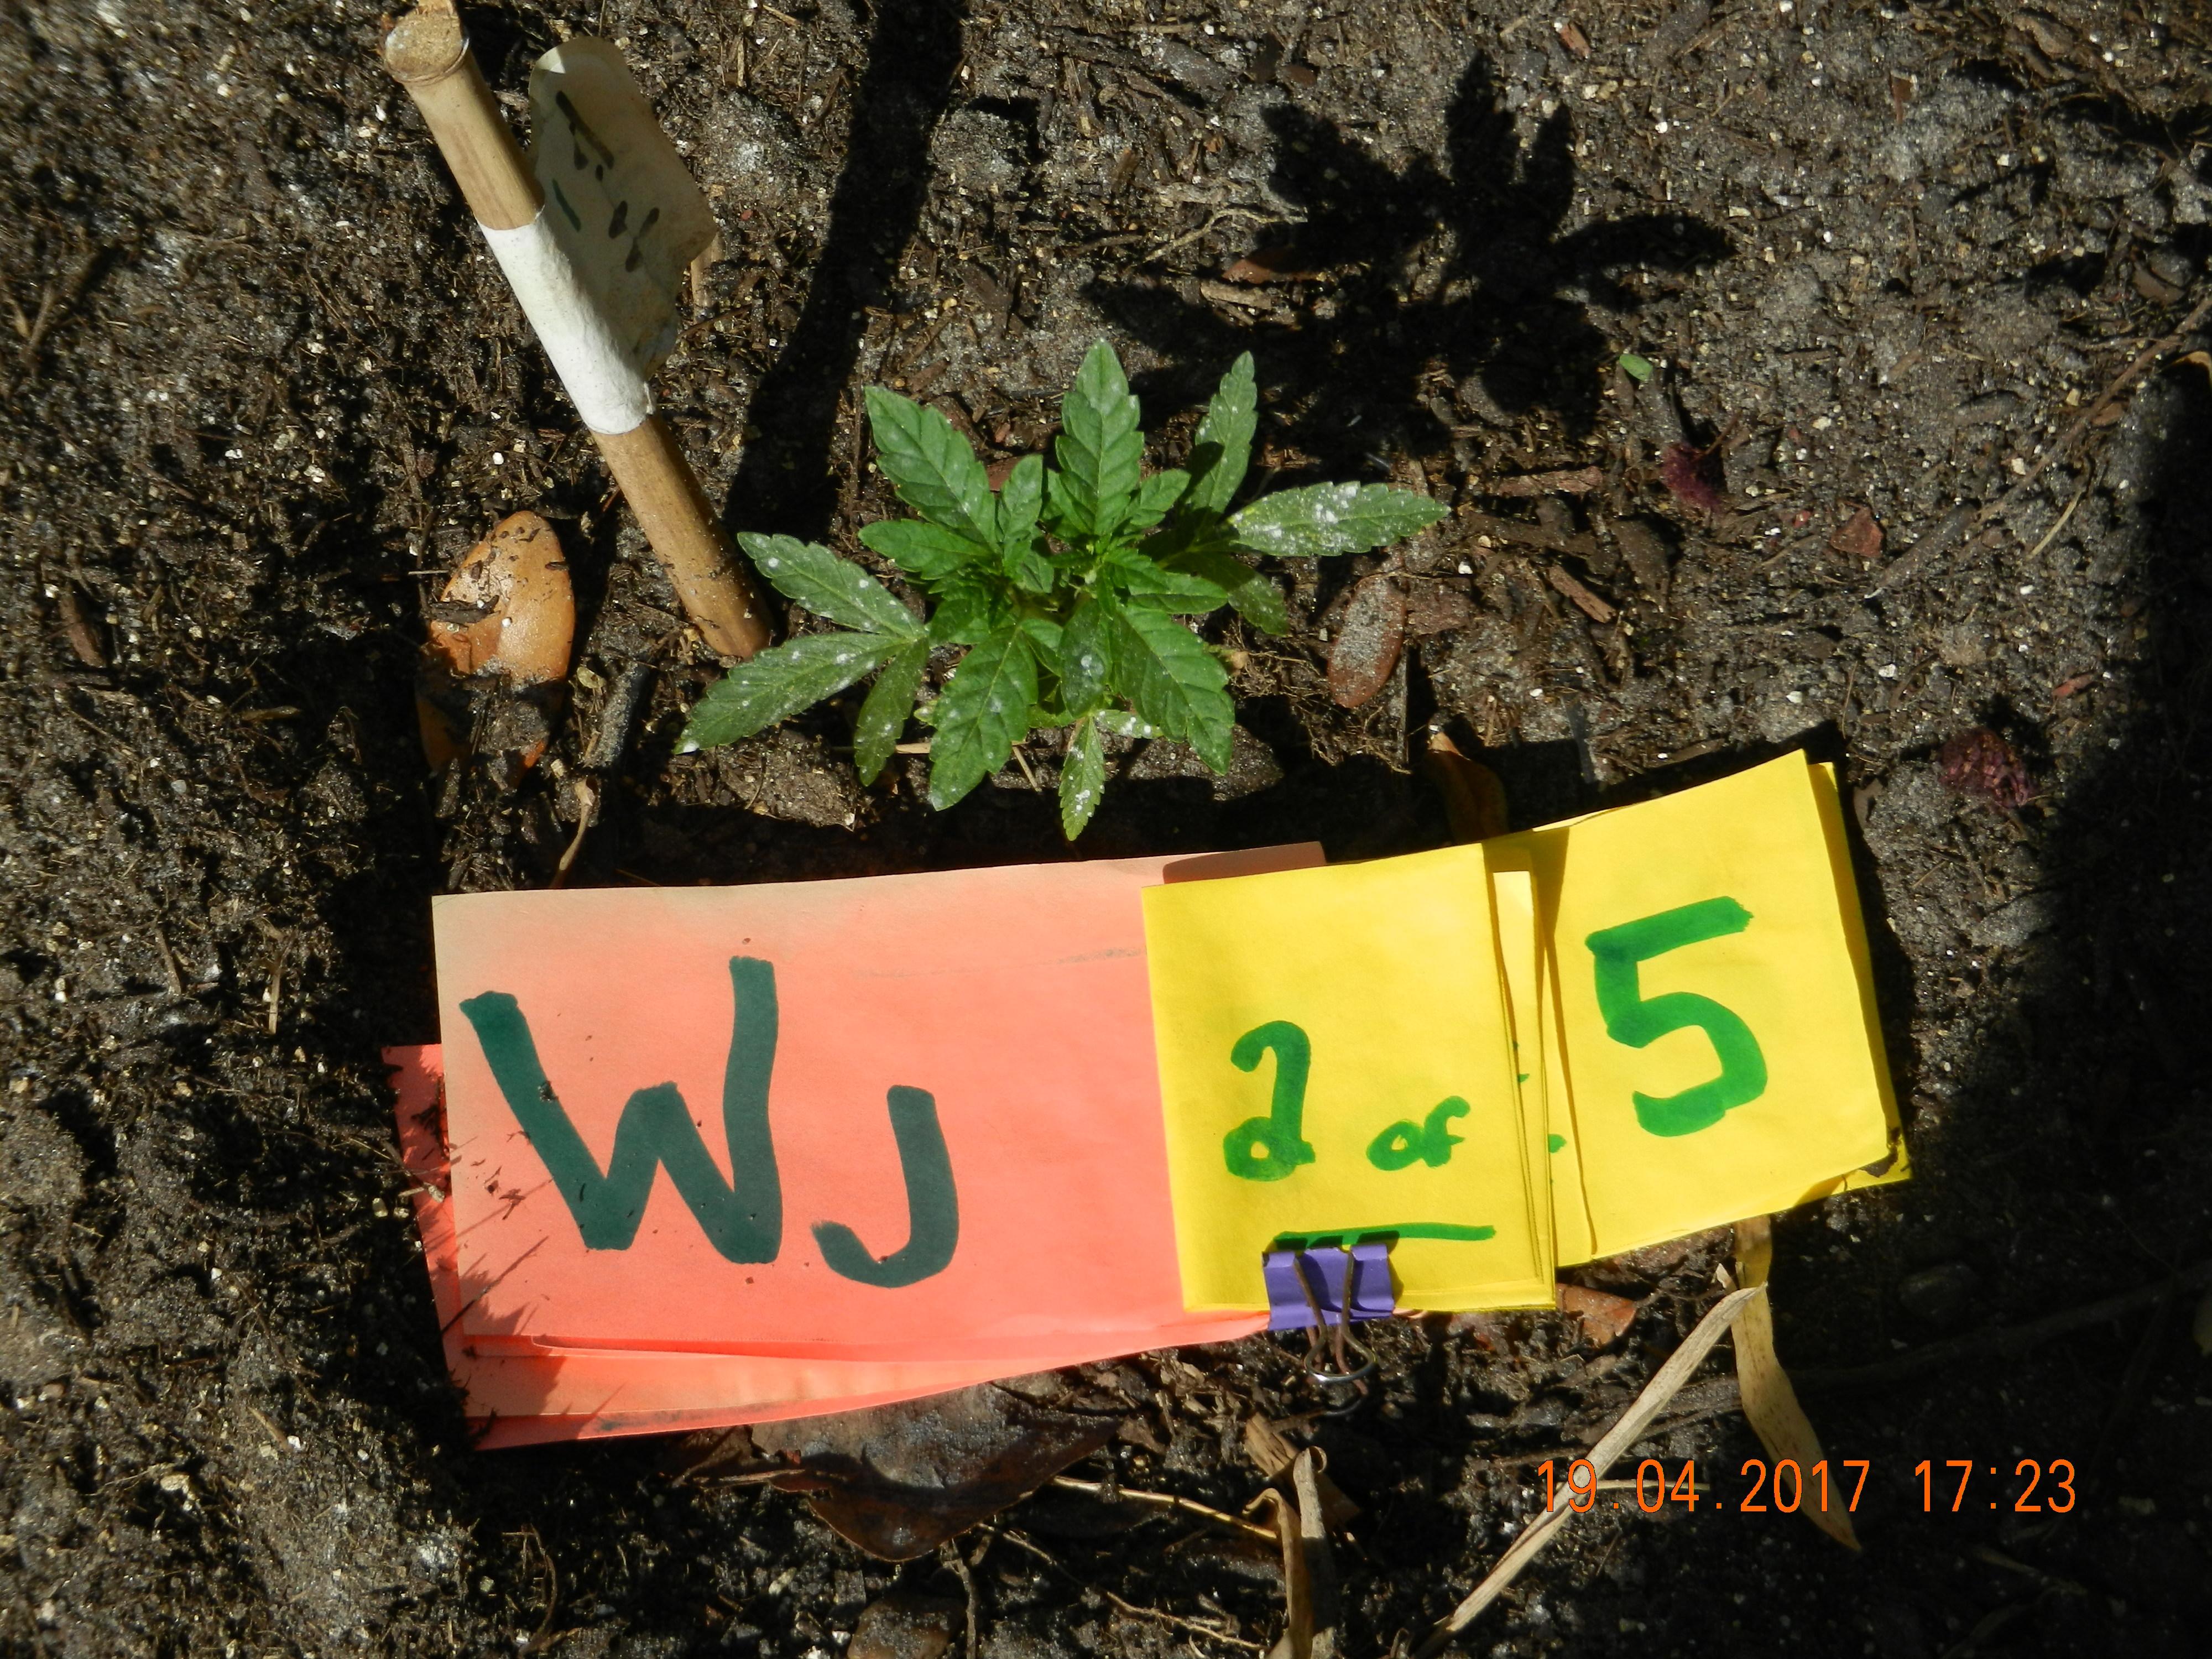 WJ 2 of 5